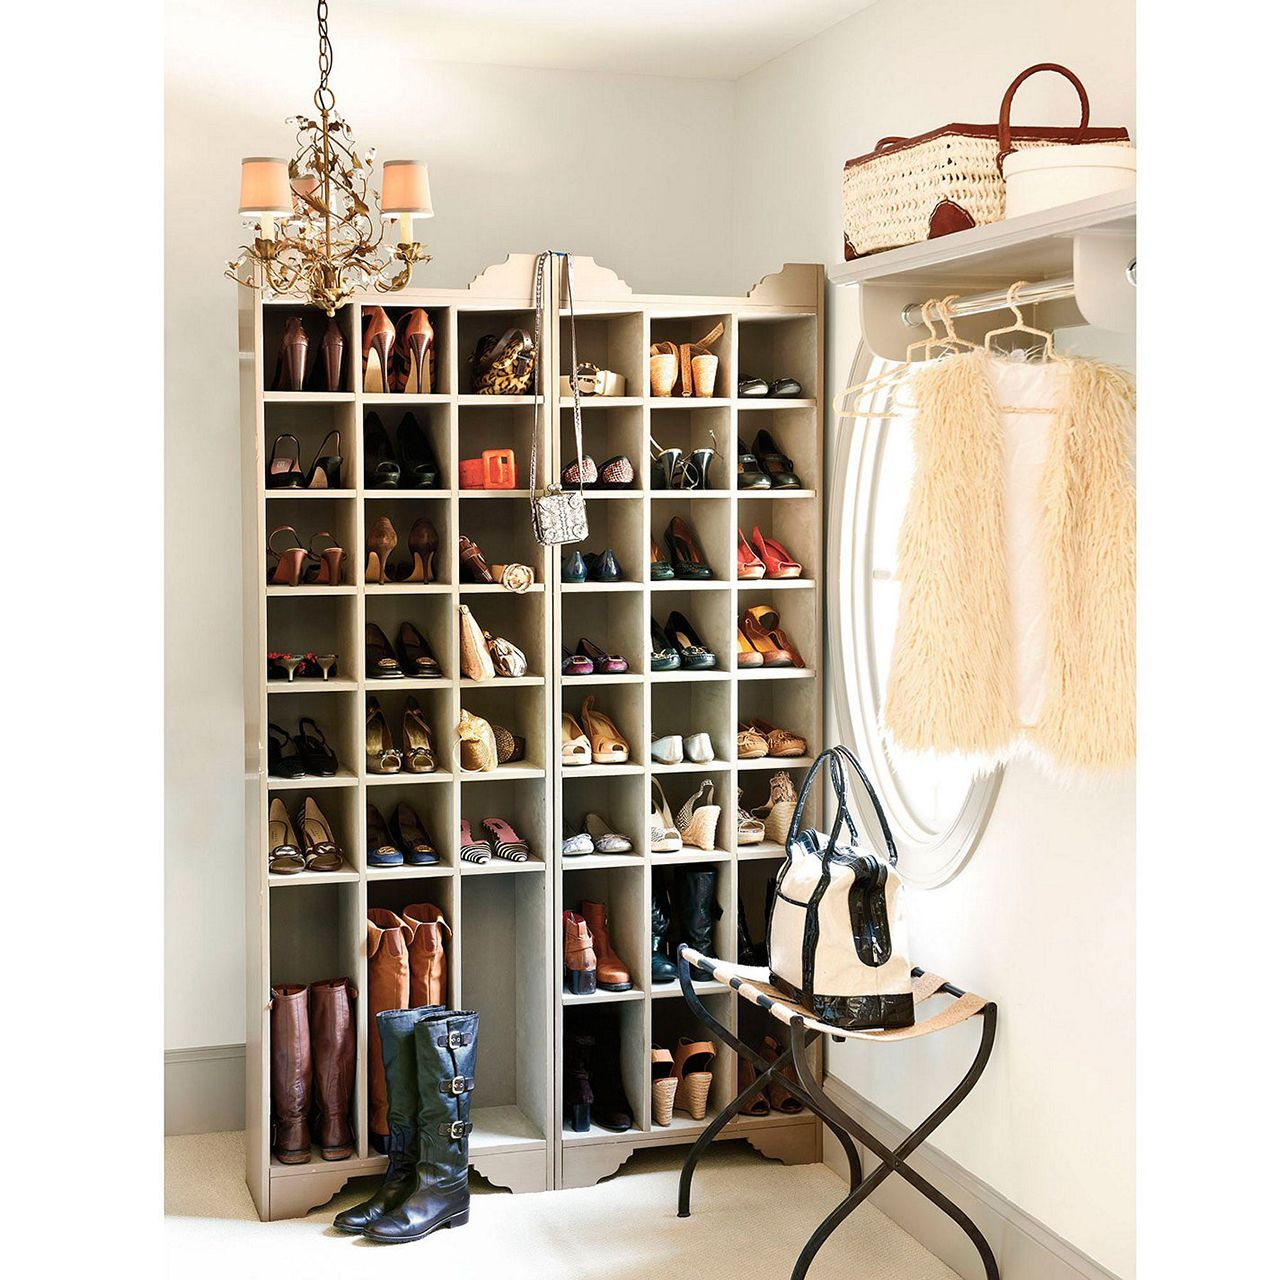 Porte Chaussure Derriere Porte si vous être dans une chambre avec peu d'espace, suspendez